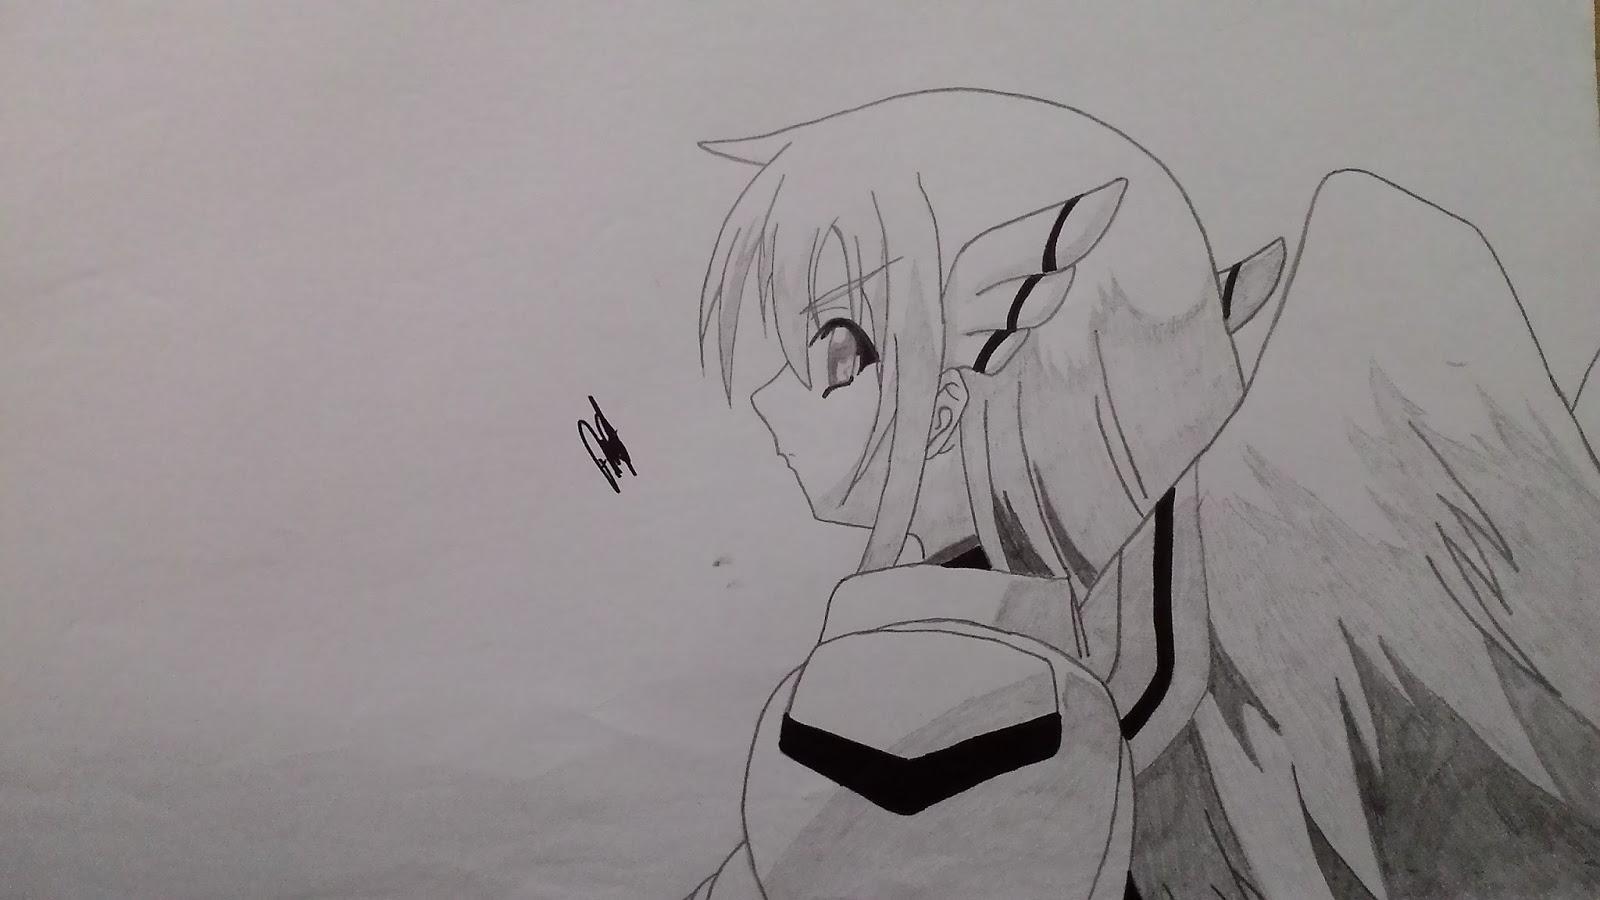 Berikut sketsa anime yang saya buat dari flim anime yang saya tonton dan hasil dari pesanan sketsa teman teman saya diblog lainnya semoga bermanfaat